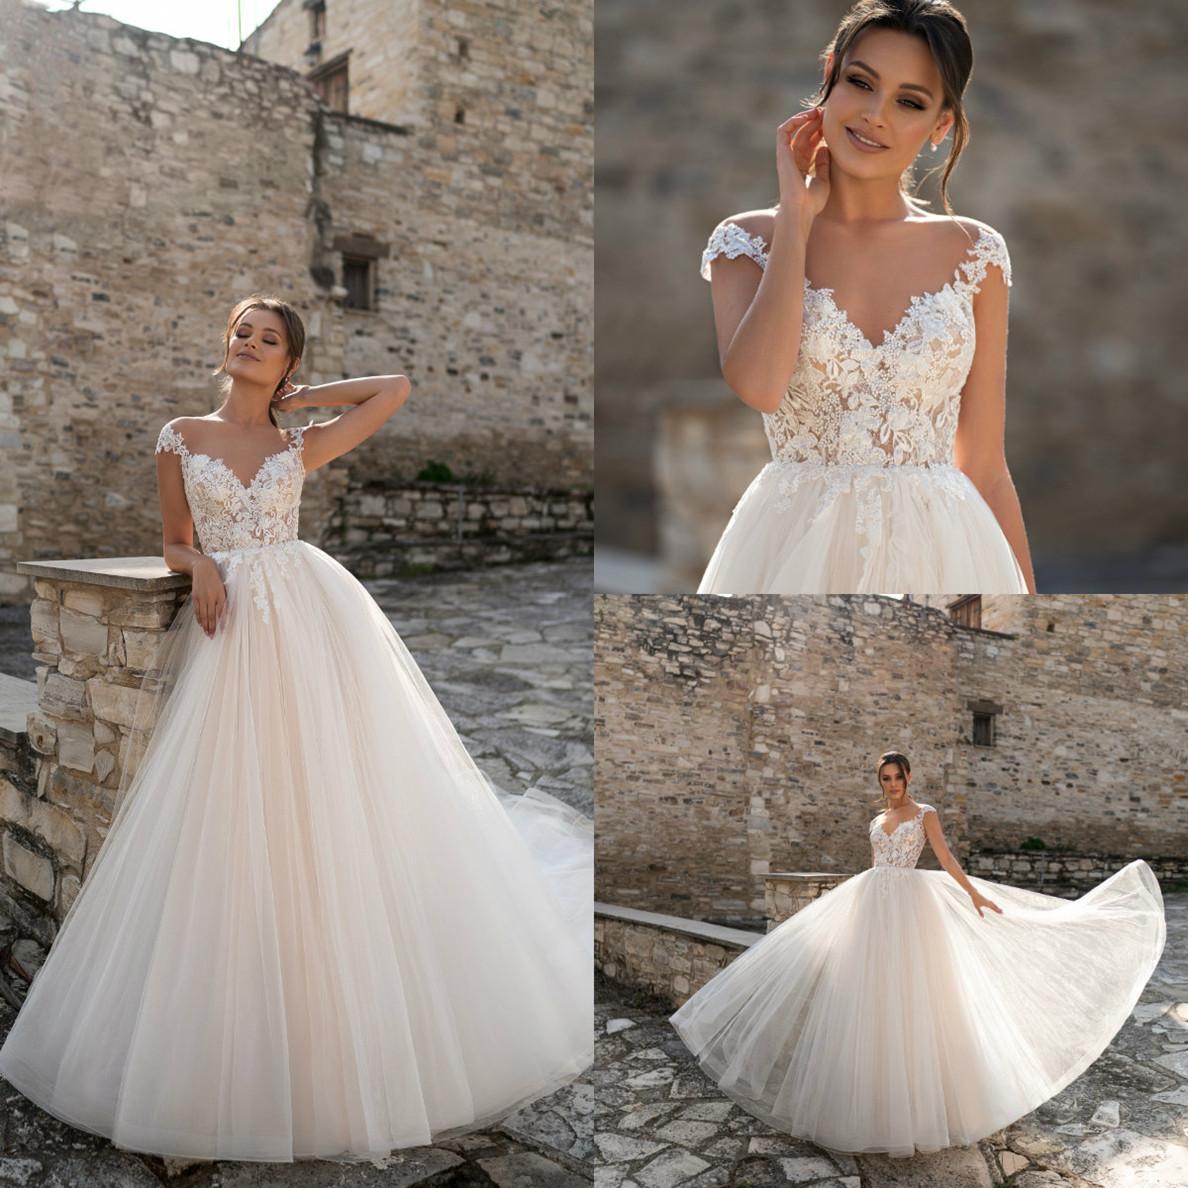 Vestido de Noiva 2021 Vestidos de casamento V Neck mangas cobertas apliques vestidos de noiva Custom Made Trem da varredura A linha Robe De Mariee